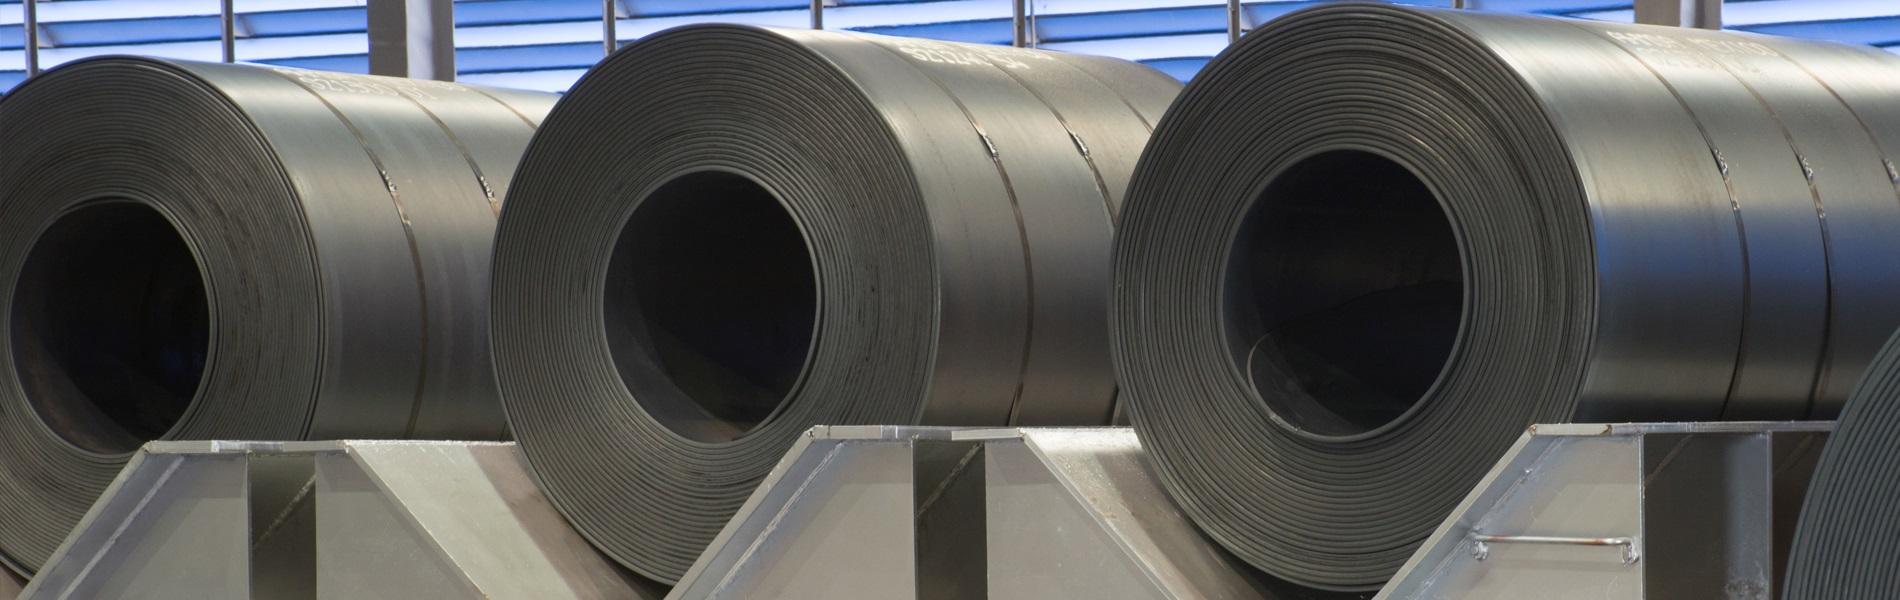 تامین کننده انواع آهن آلات